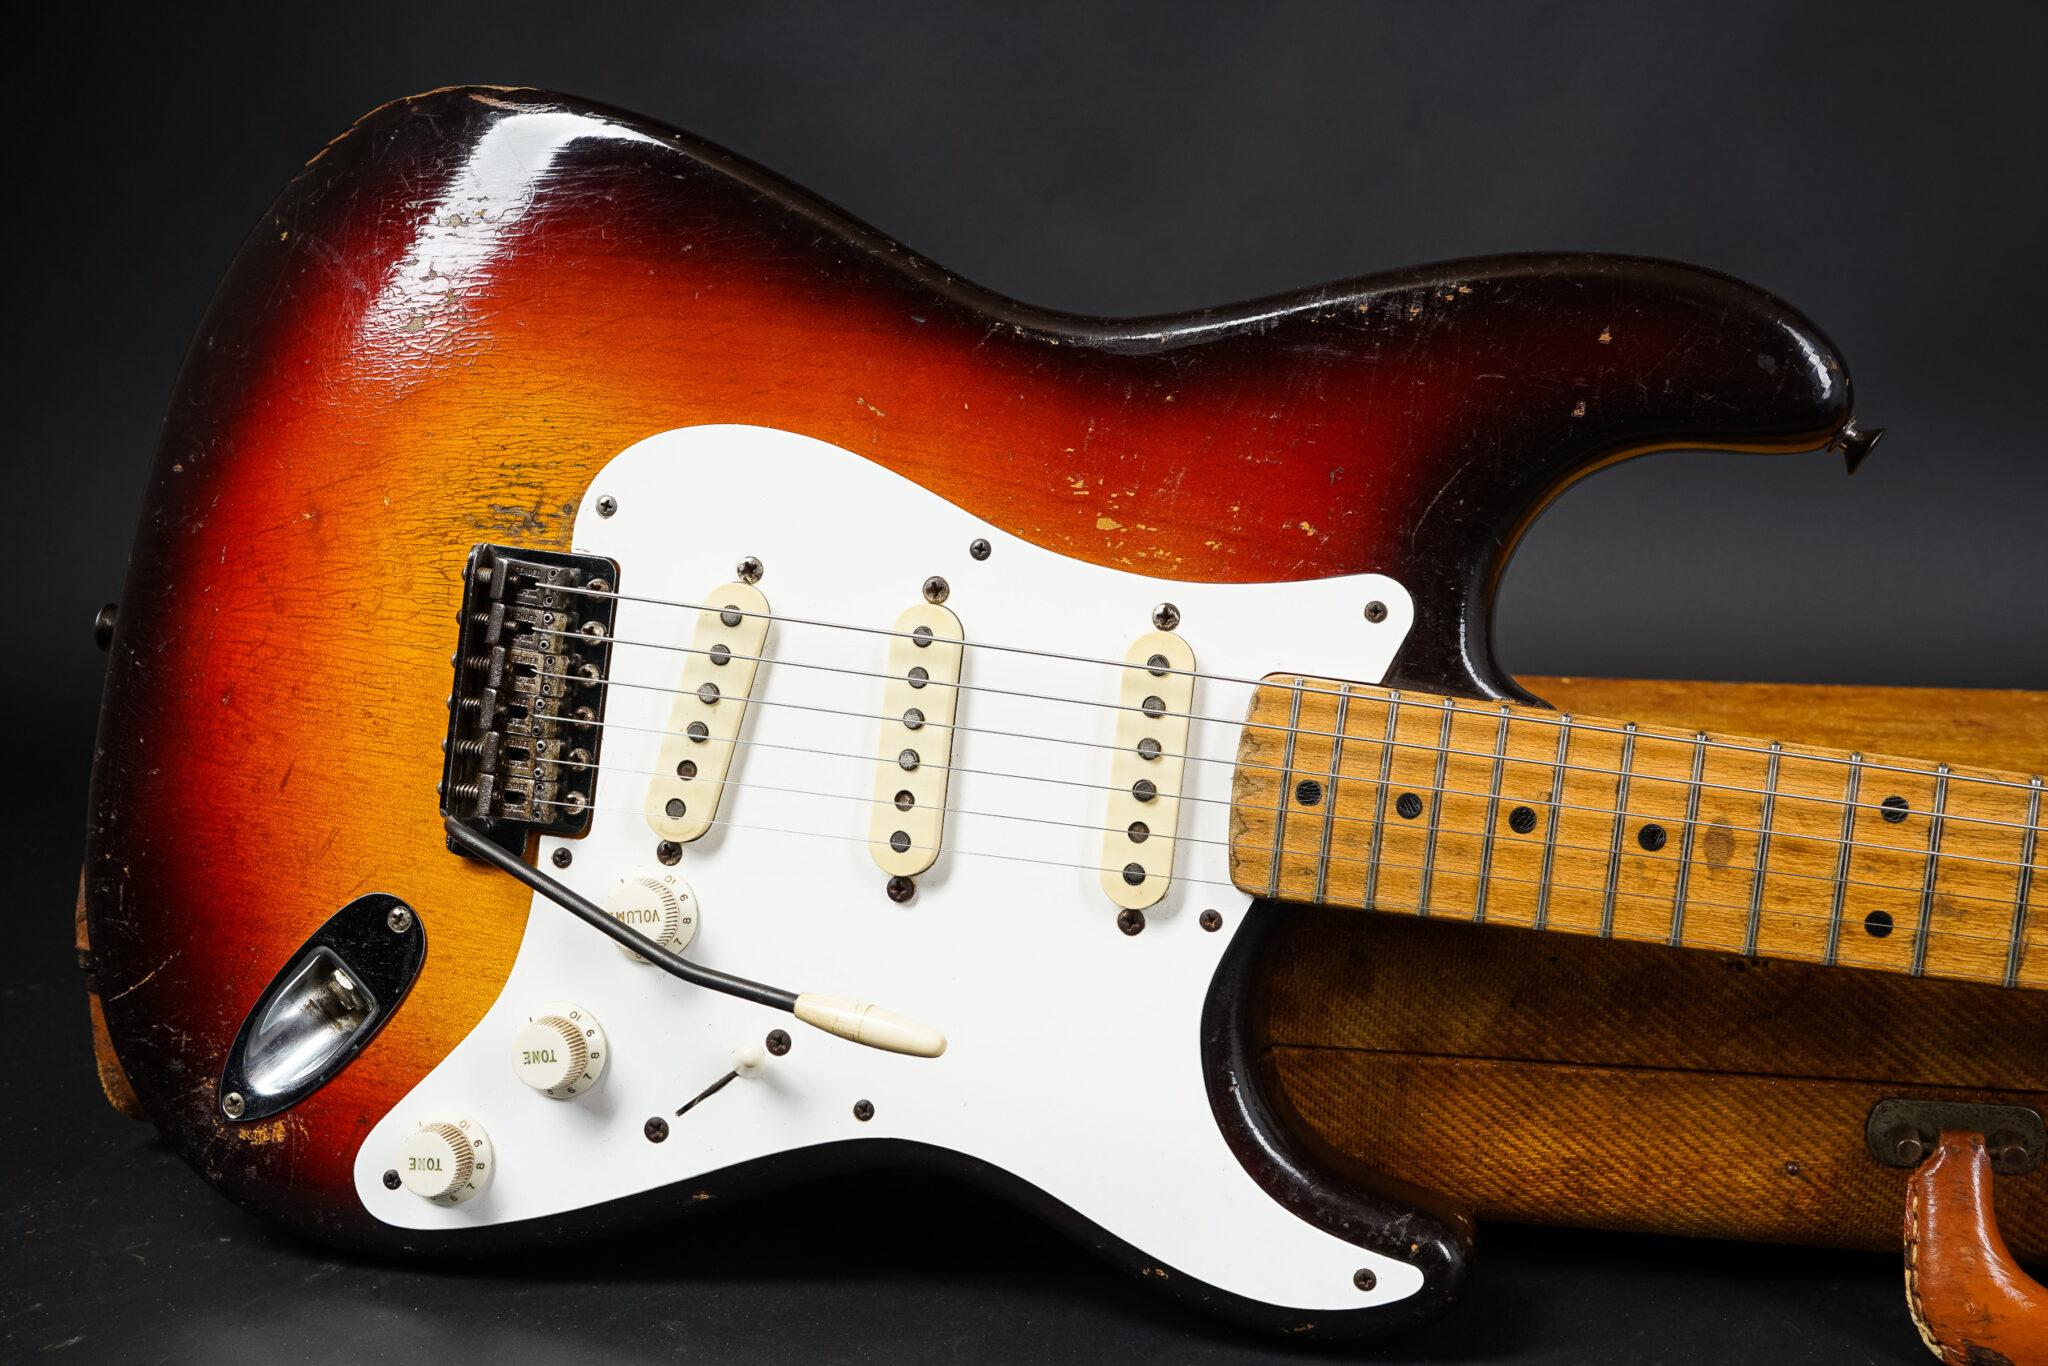 https://guitarpoint.de/app/uploads/products/1958-fender-stratocaster-sunburst-304kg/1958-Fender-Stratocaster-Sunburst-31283-9-2048x1366.jpg